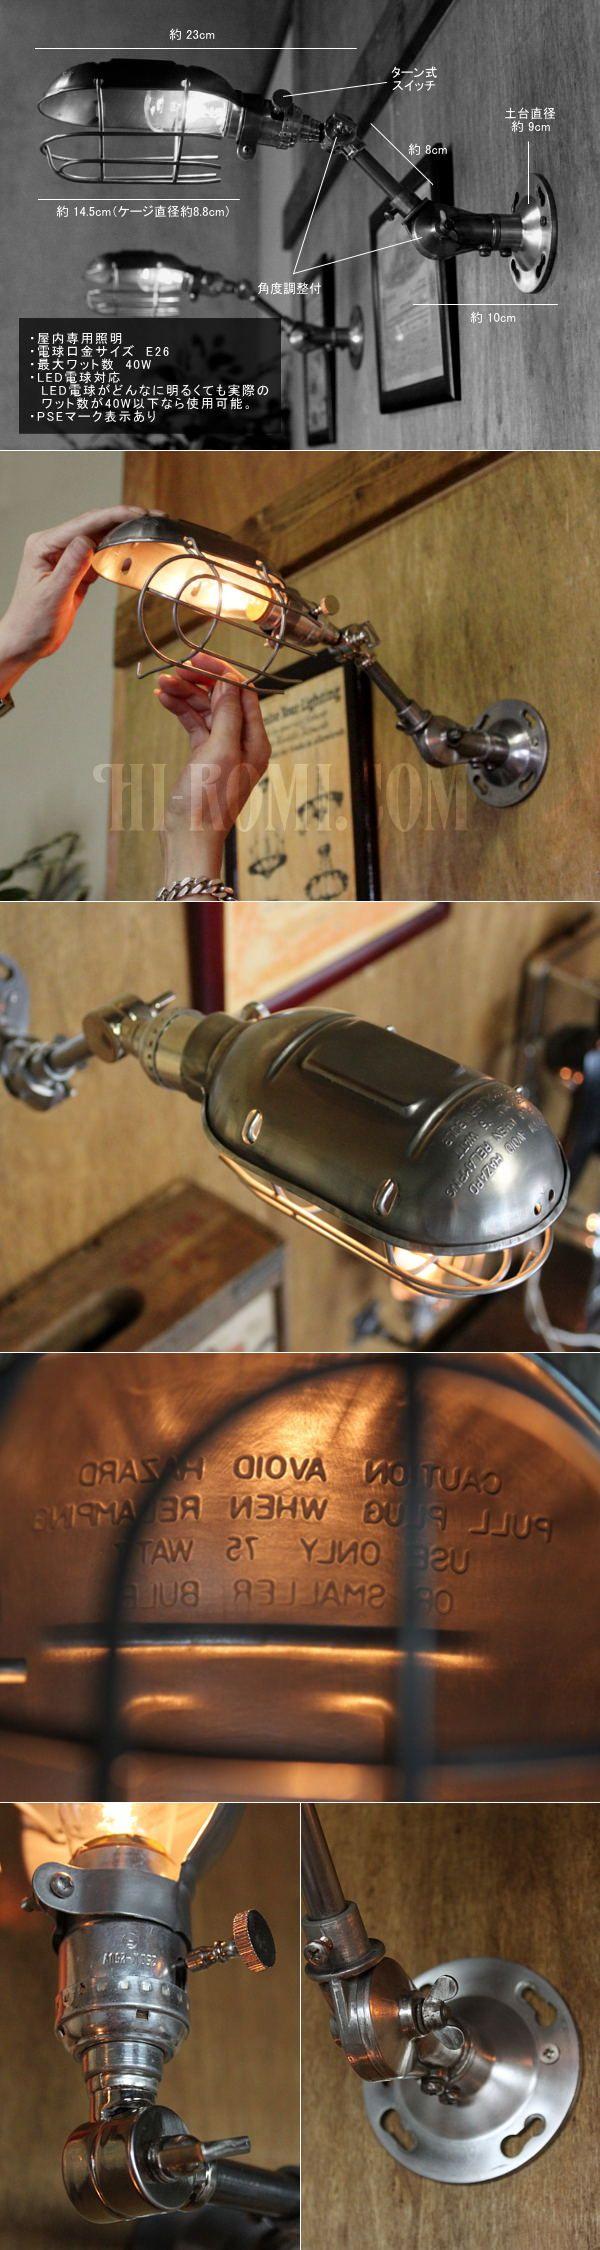 工業系ワイヤーケージ&角度調整付きブラケット/インダストリアルトラブルライトウォールランプ/壁掛け照明